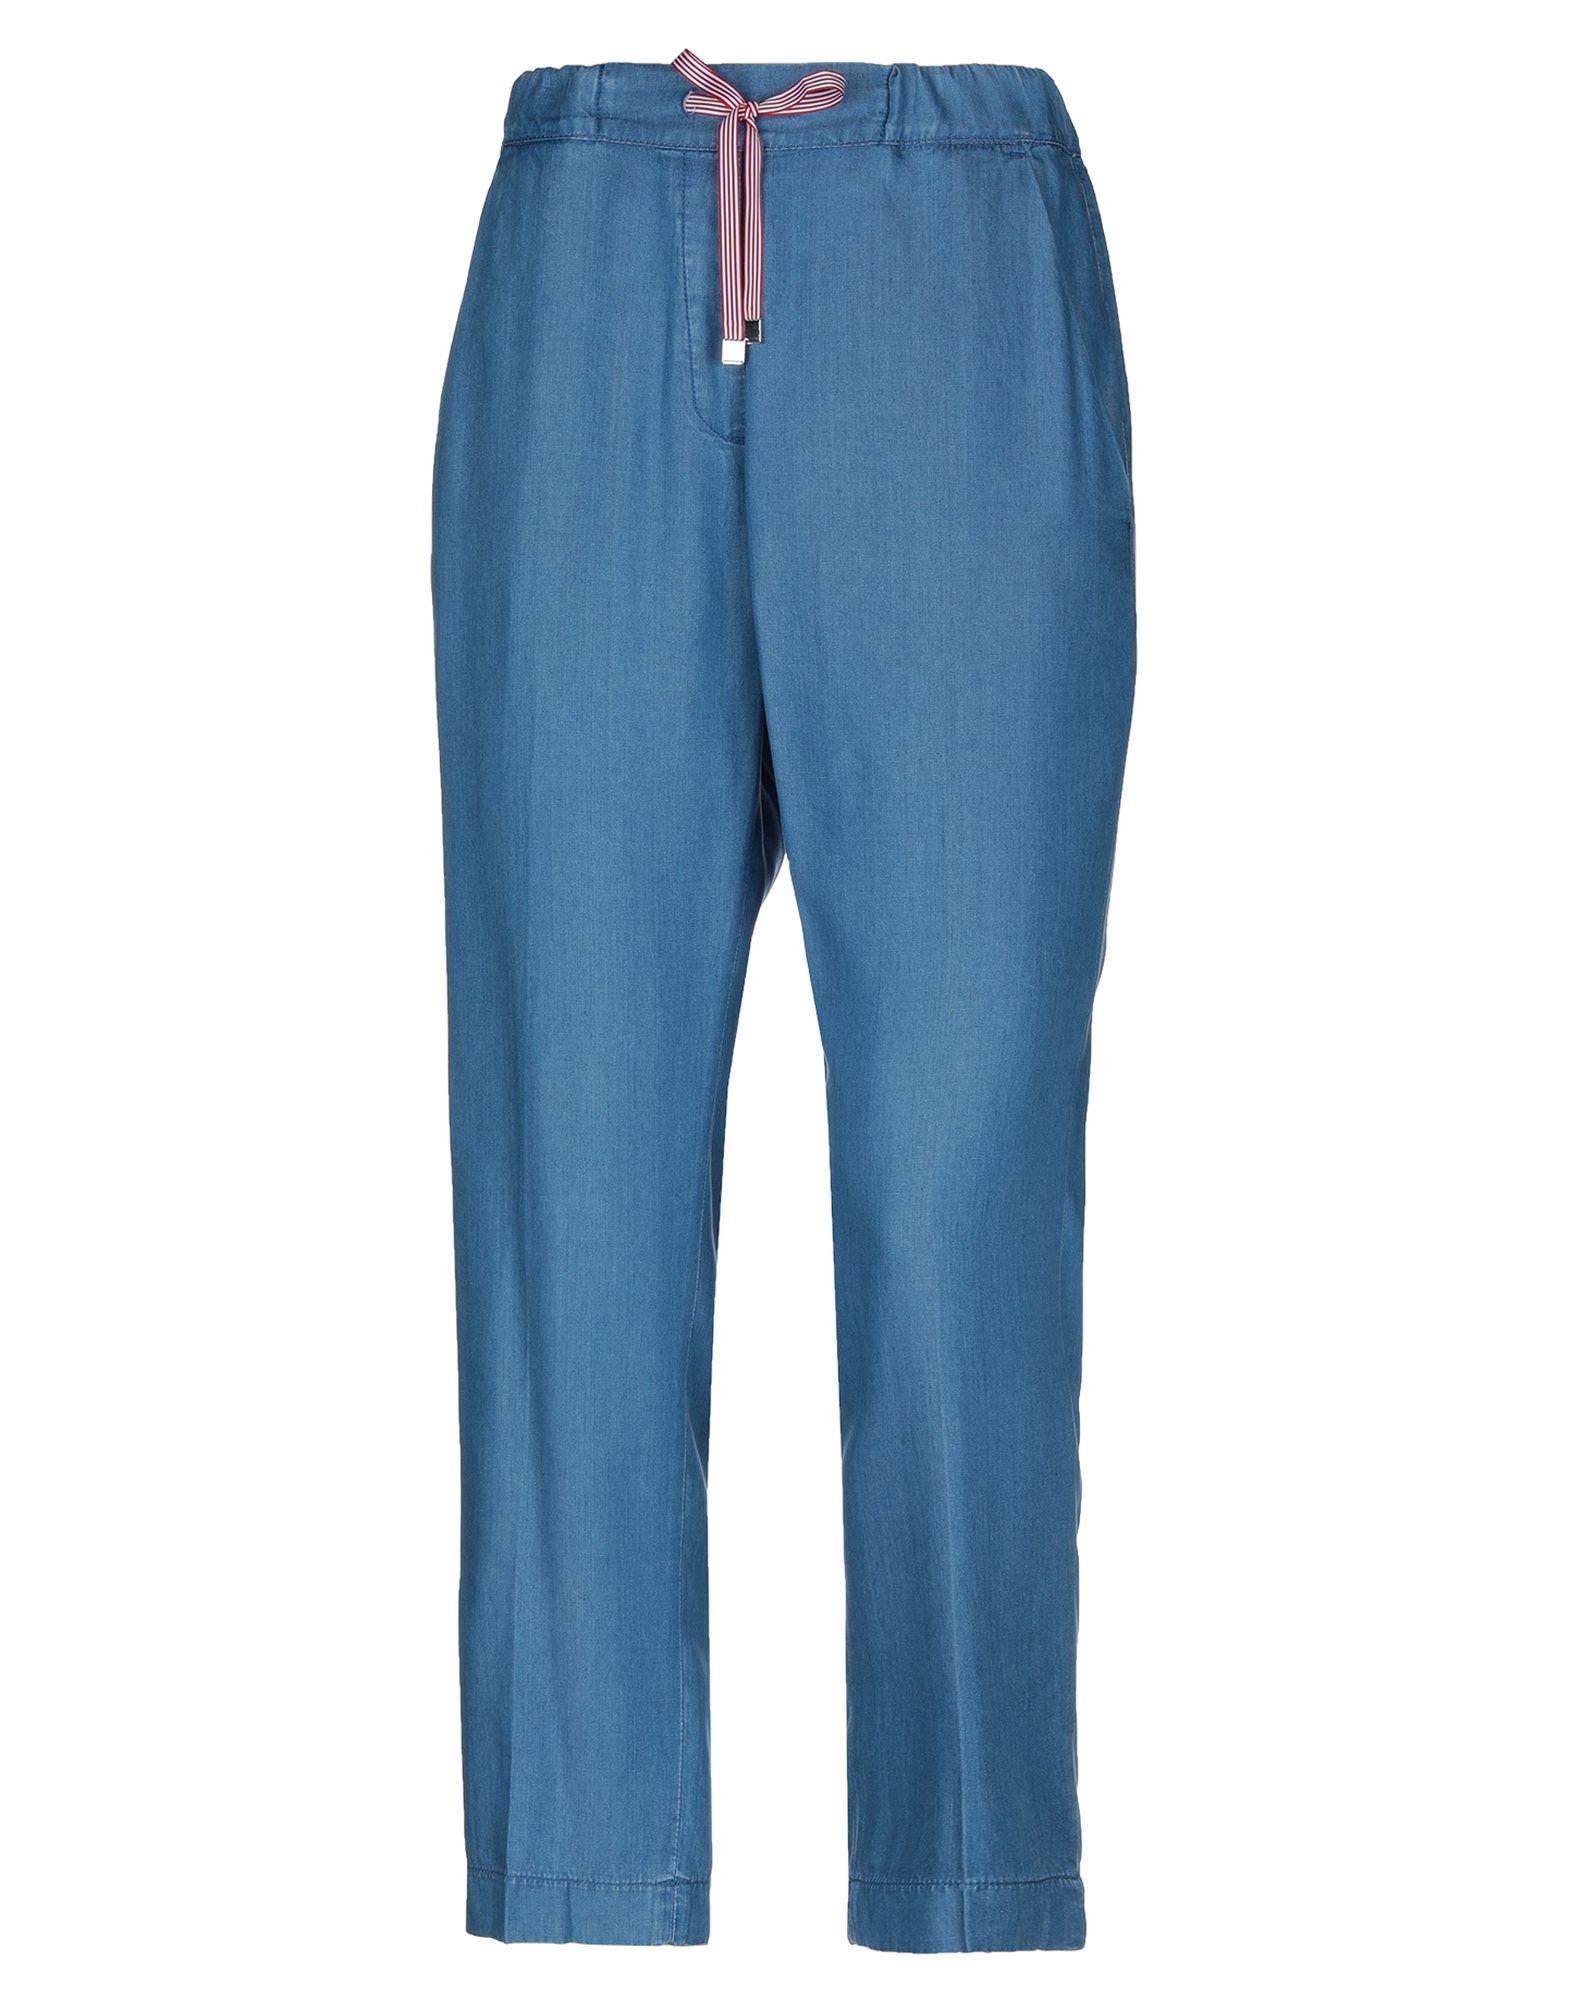 Pantaloni Jeans Re-Hash donna - 42727032DR 42727032DR 42727032DR 678